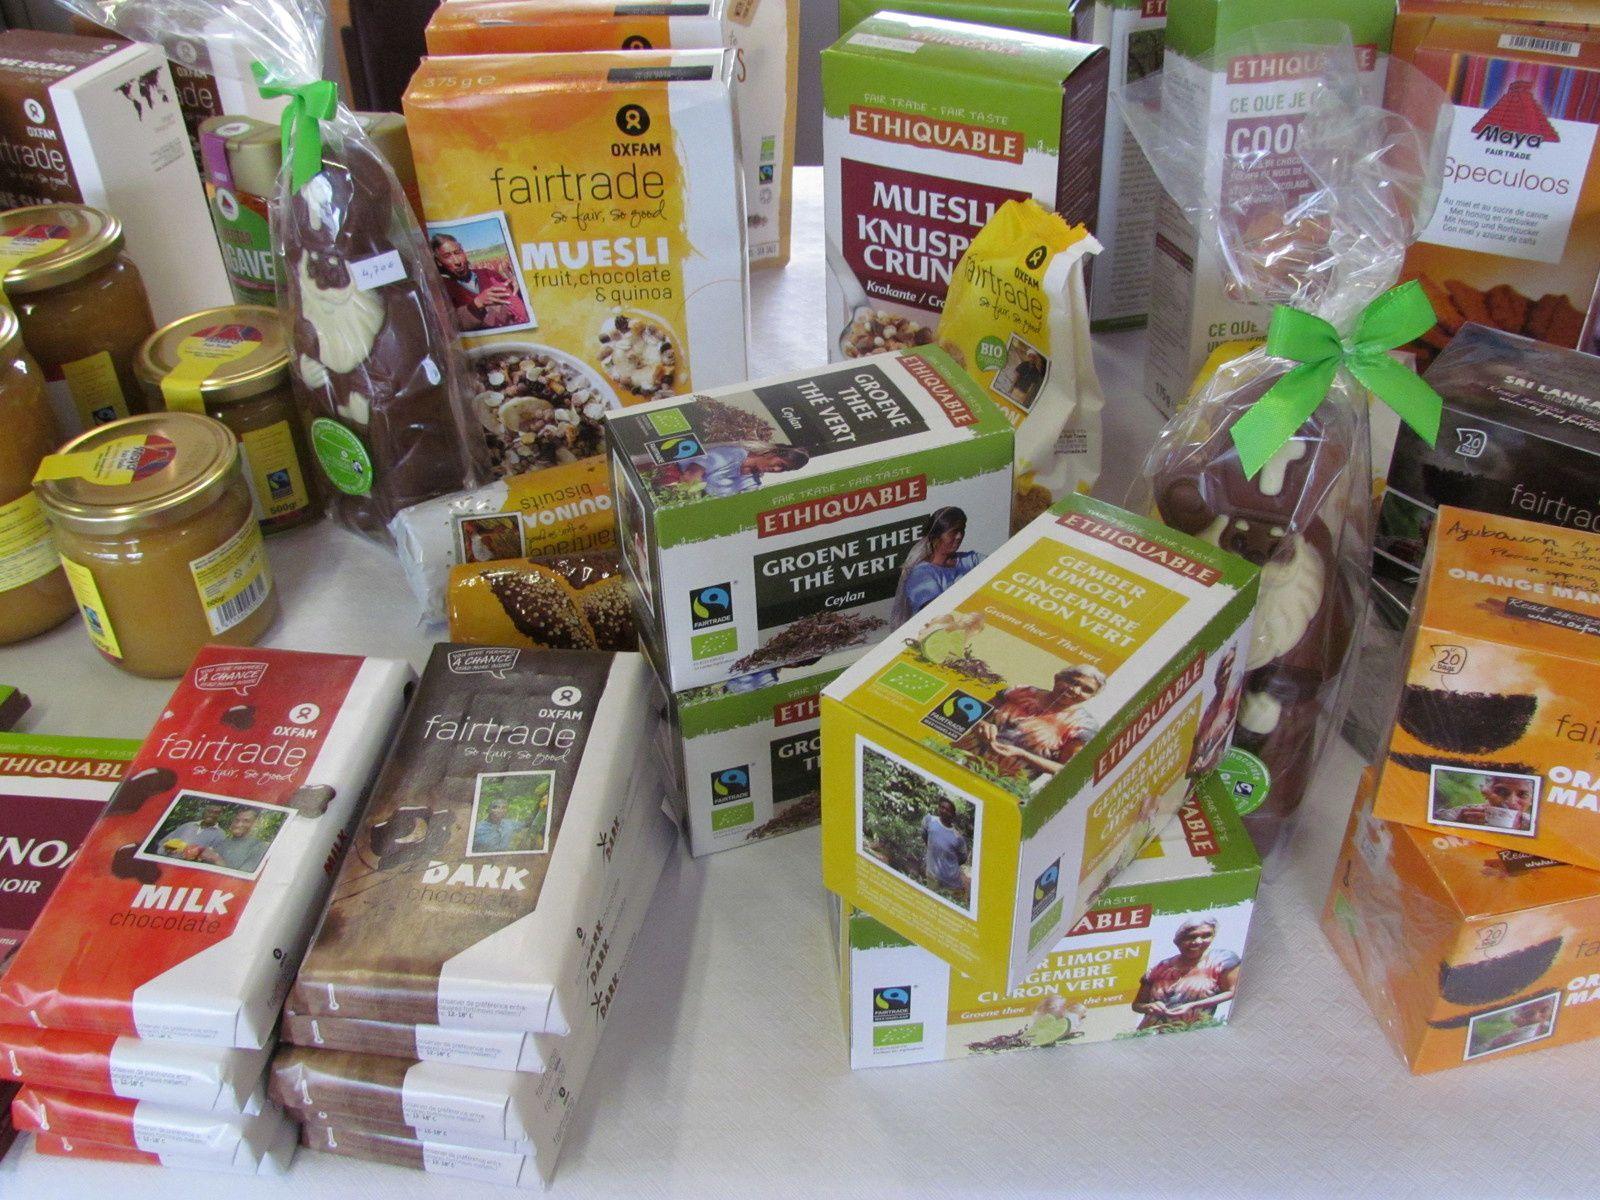 Les petits déjeuners Oxfam